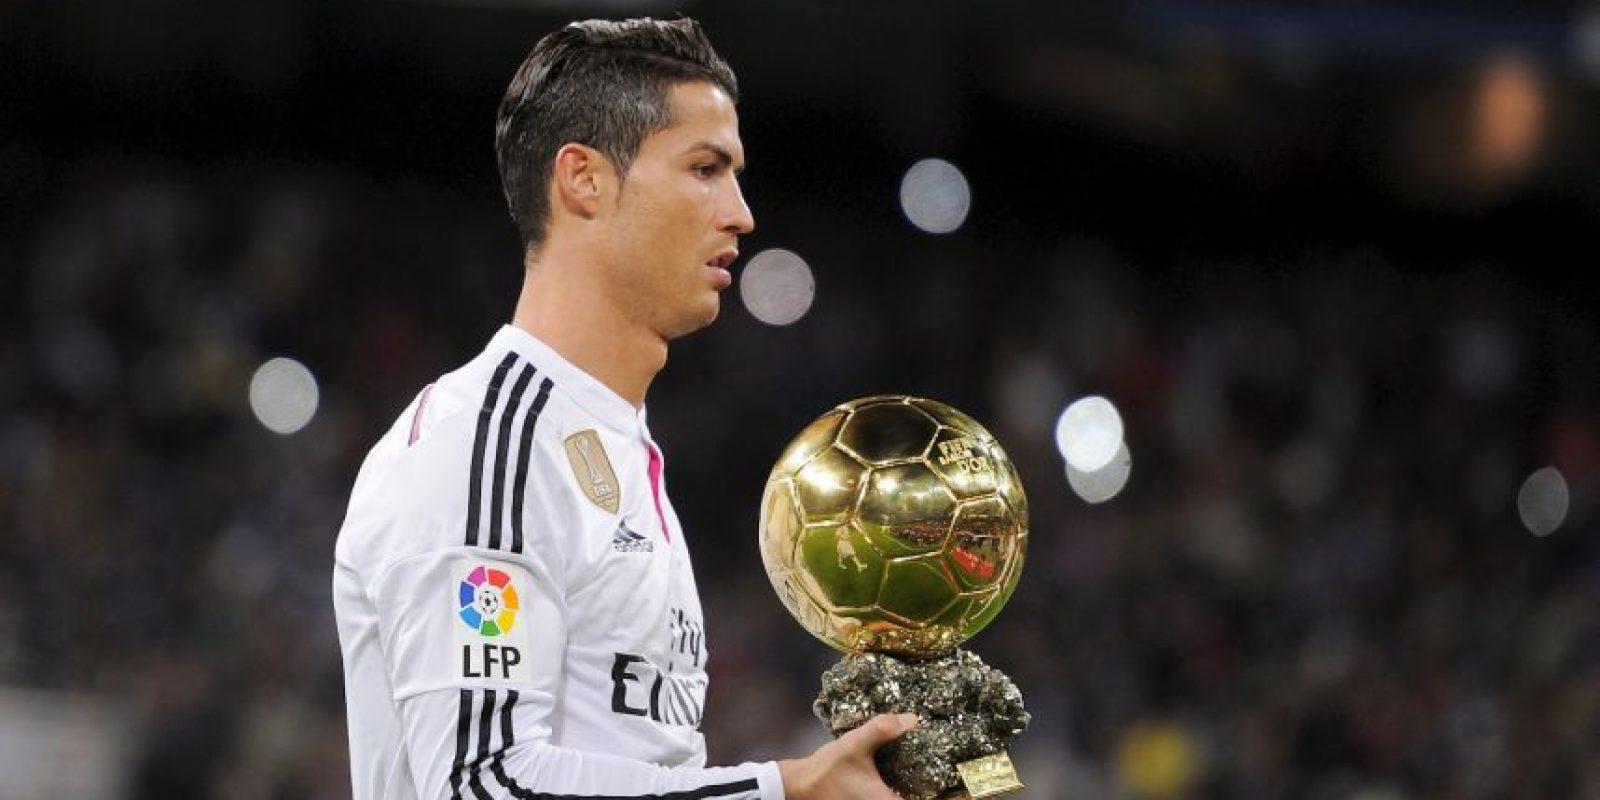 CR7 es considerado el mejor jugador del planeta, según la FIFA Foto:Getty